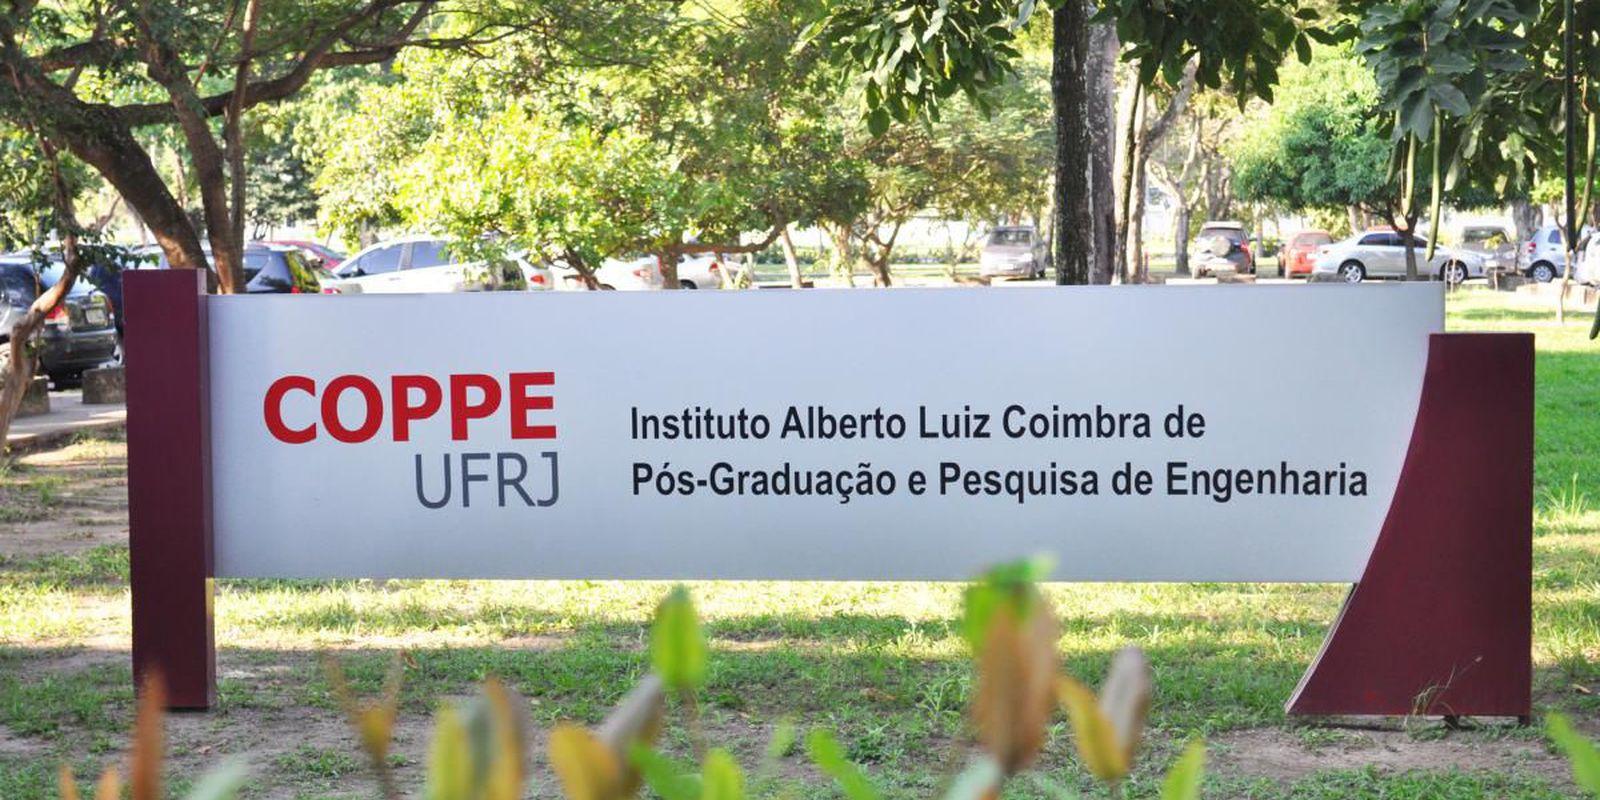 Coppe/UFRJ – Instituto Alberto Luiz Coimbra de Pós-Graduação e Pesquisa de Engenharia, da Universidade Federal do Rio de Janeiro.